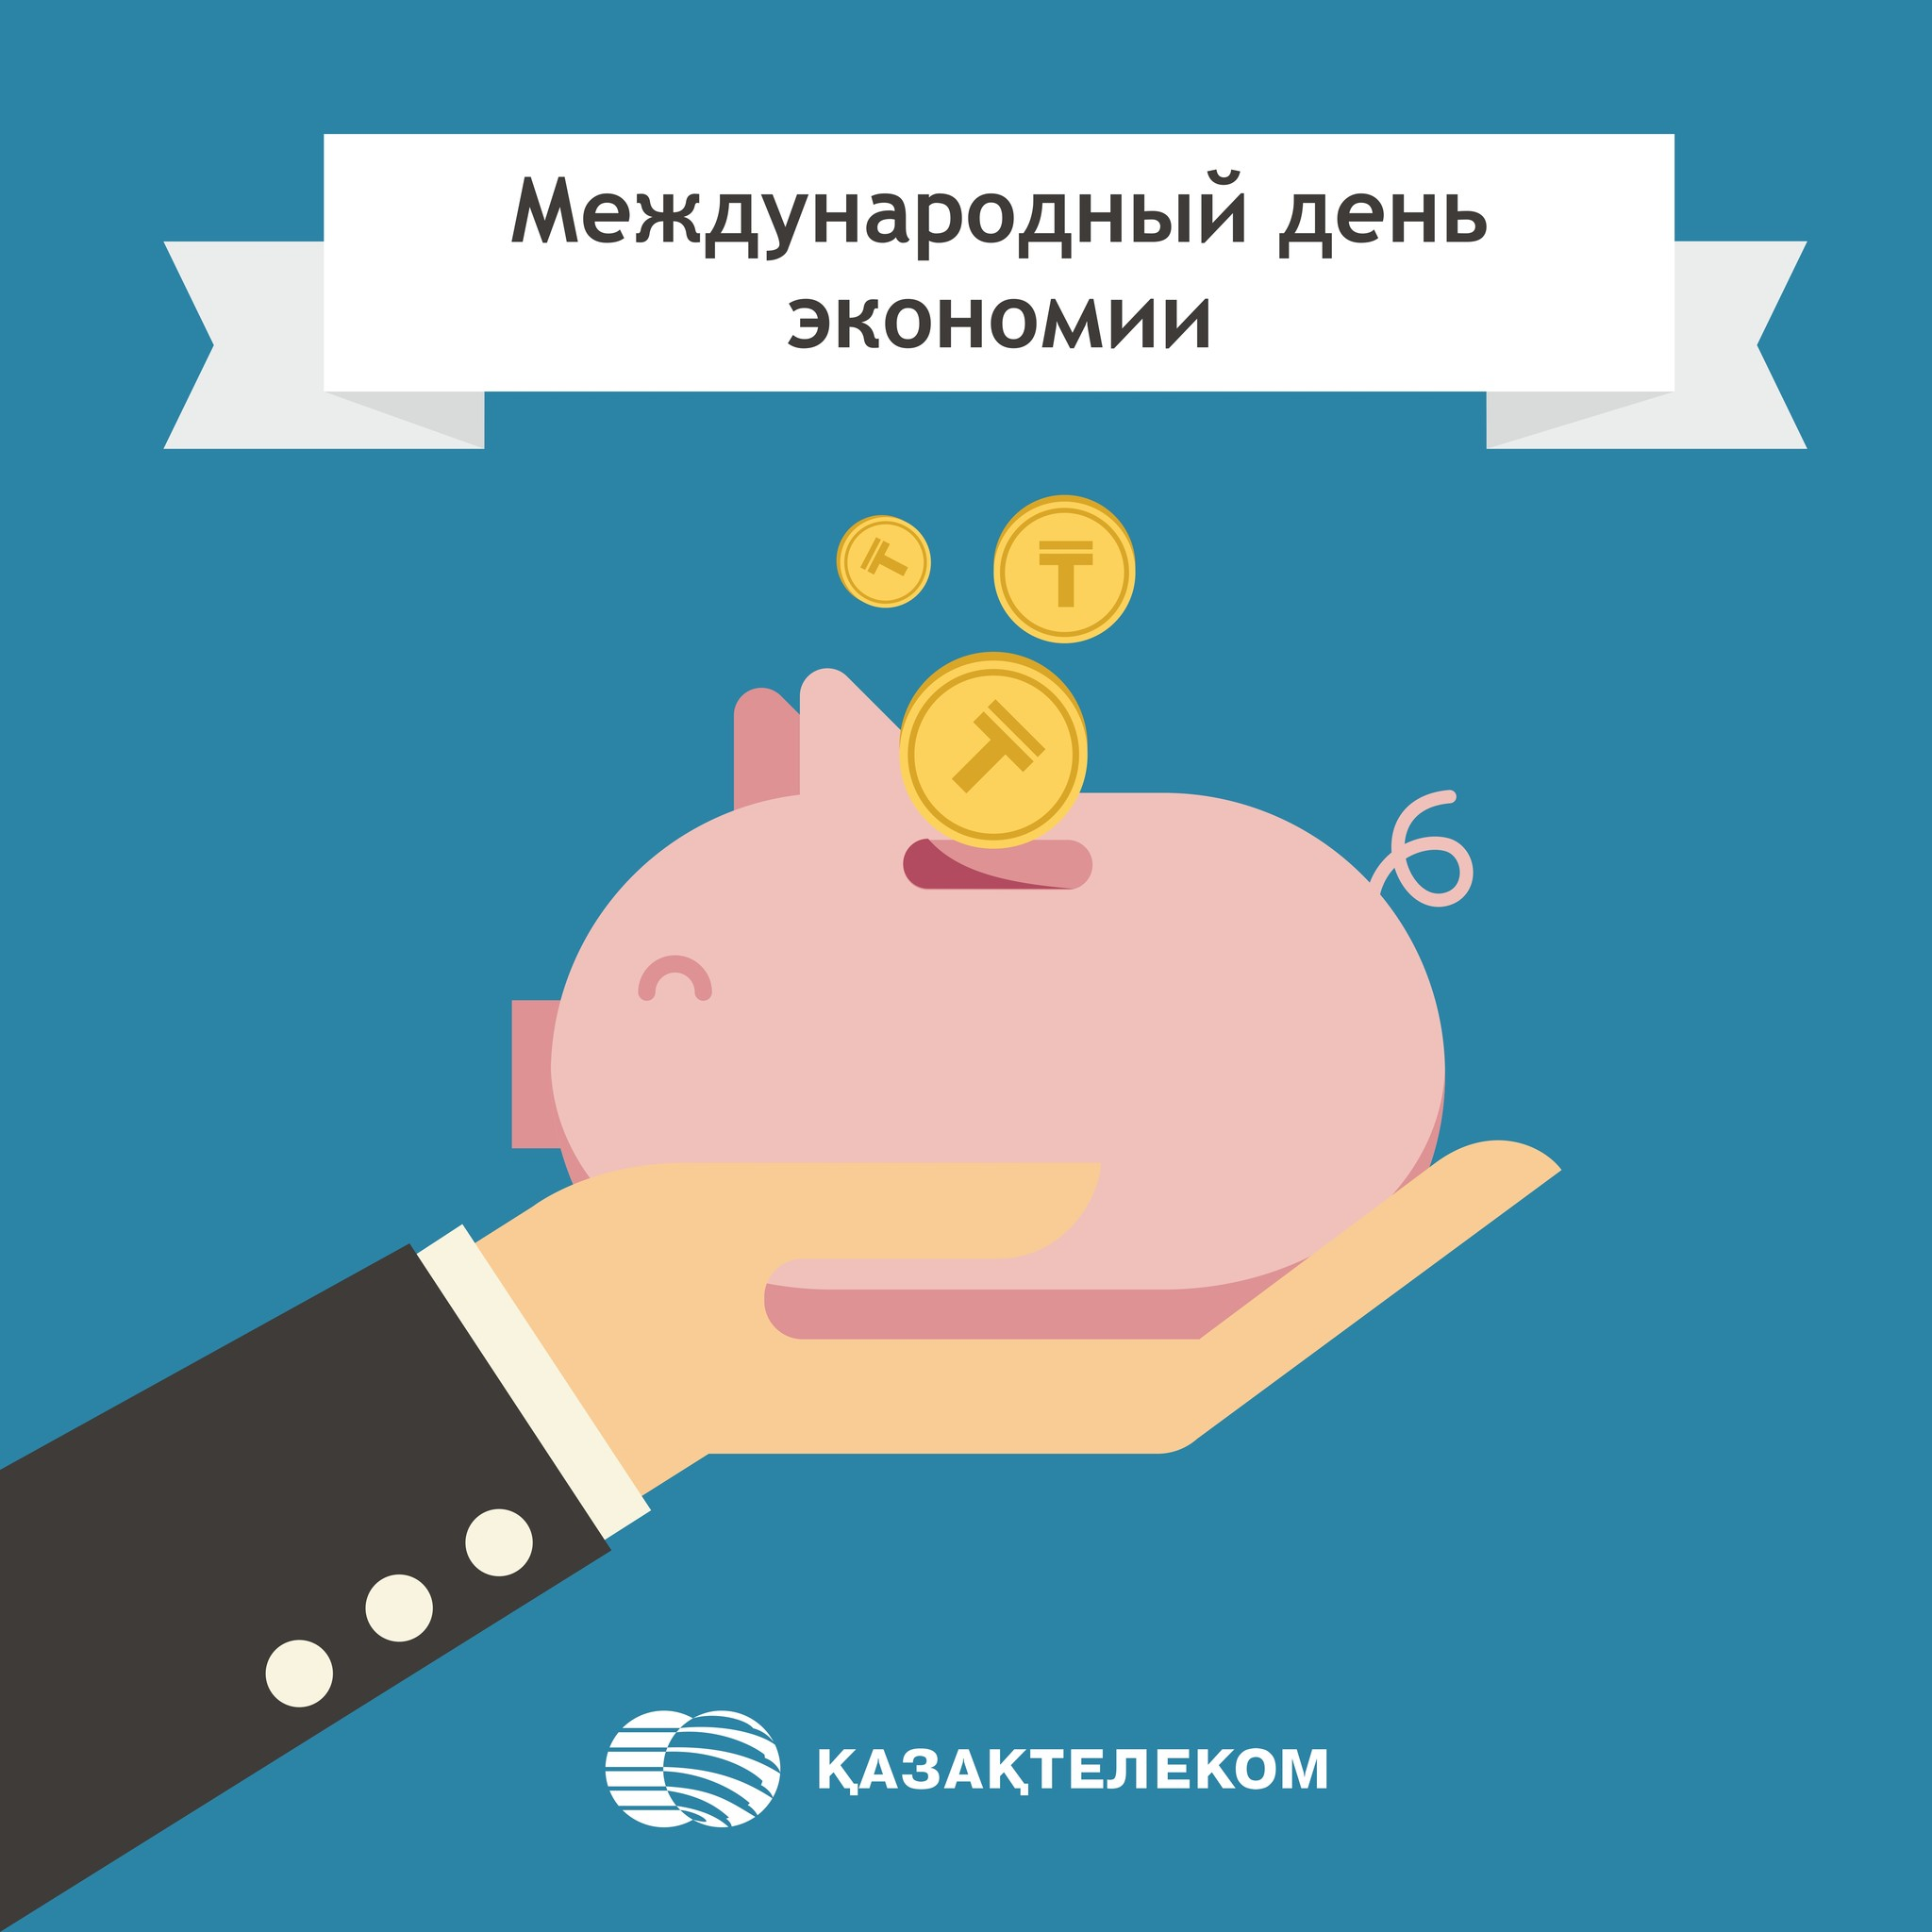 воды ребёнку международный день экономии картинки просты